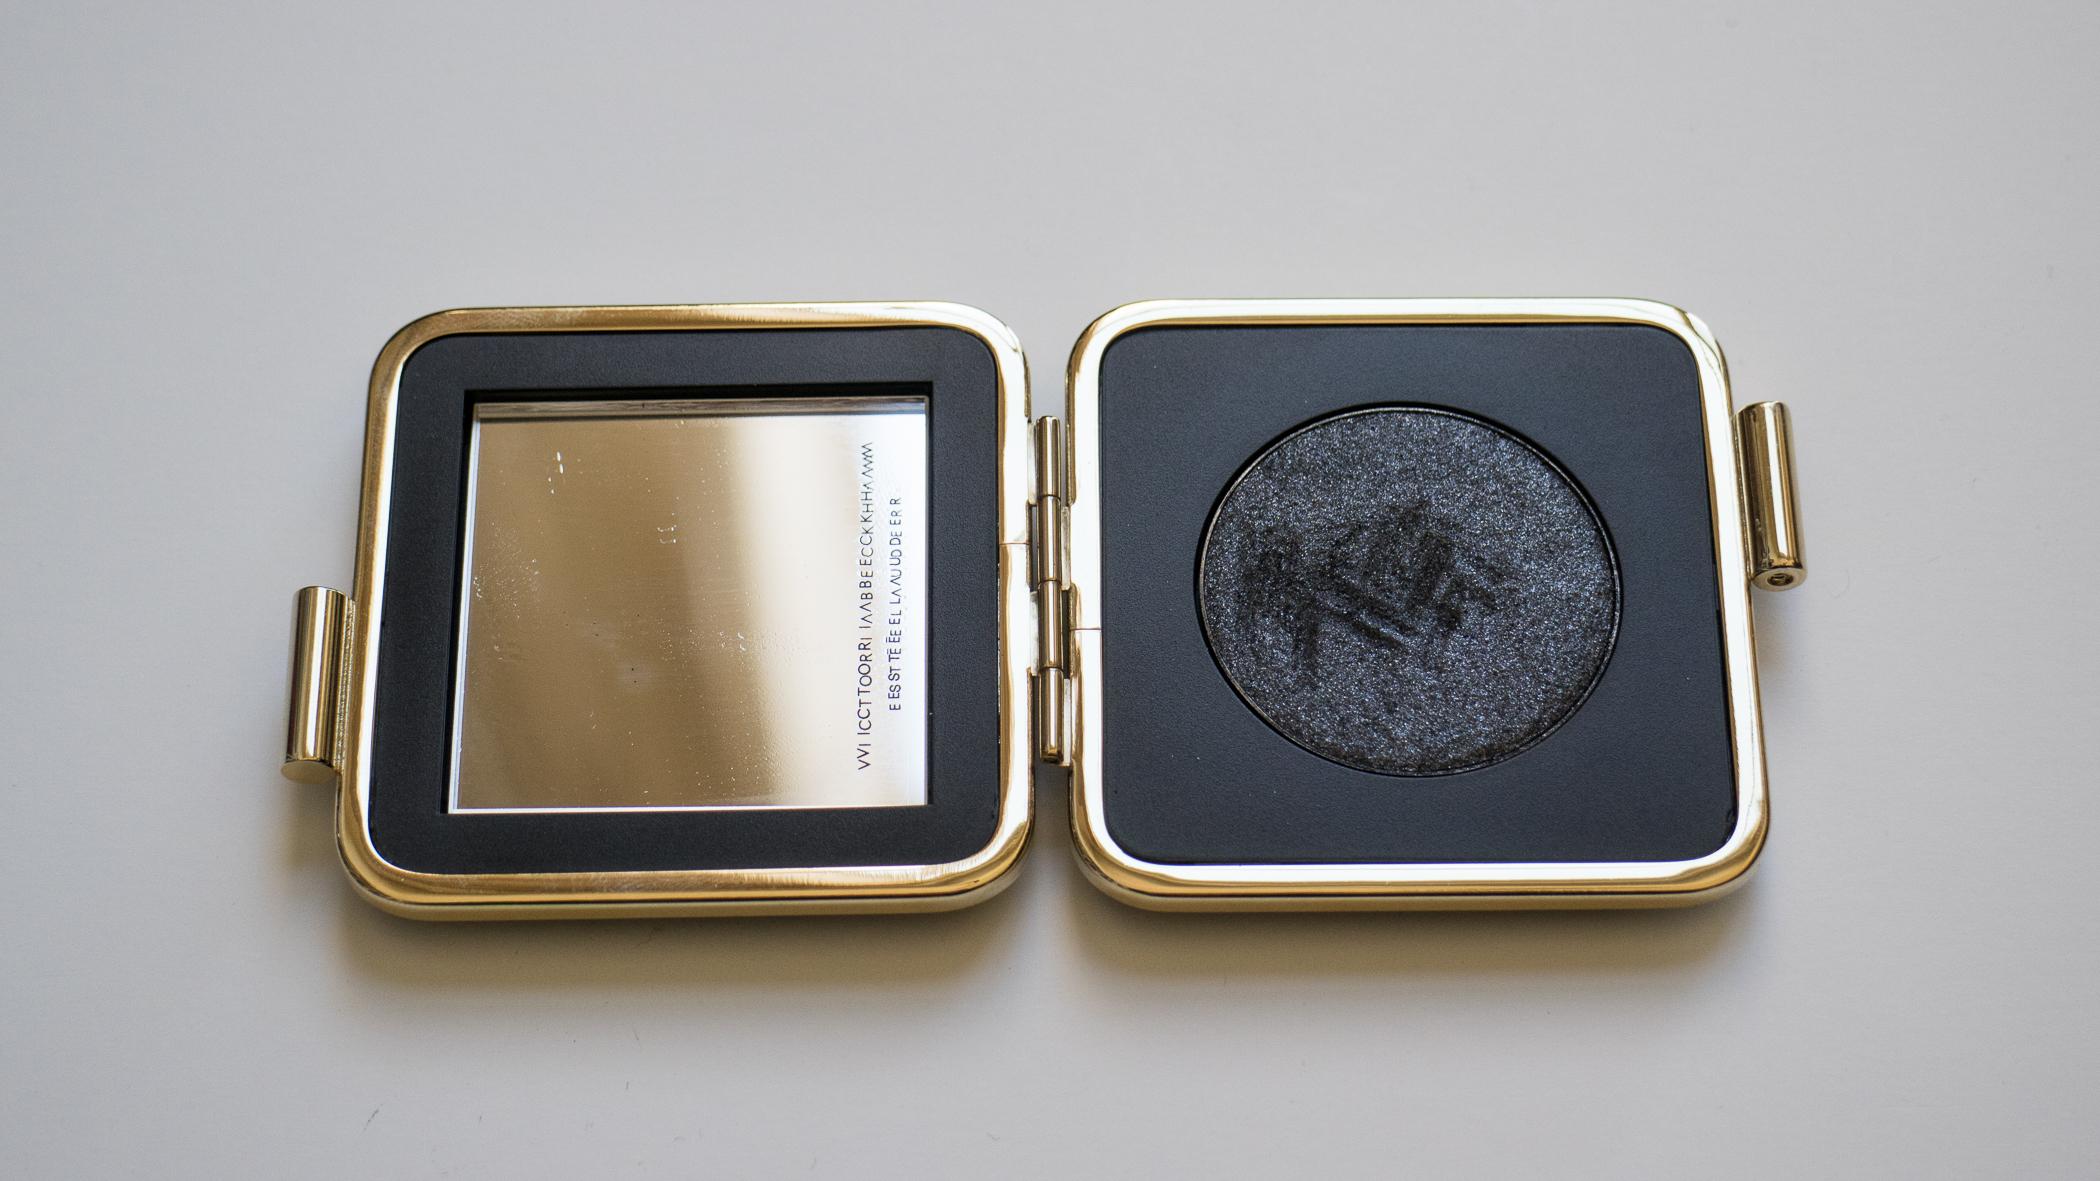 Victoria Beckham x Estee Lauder's Eye Ink in Black Myrrh.